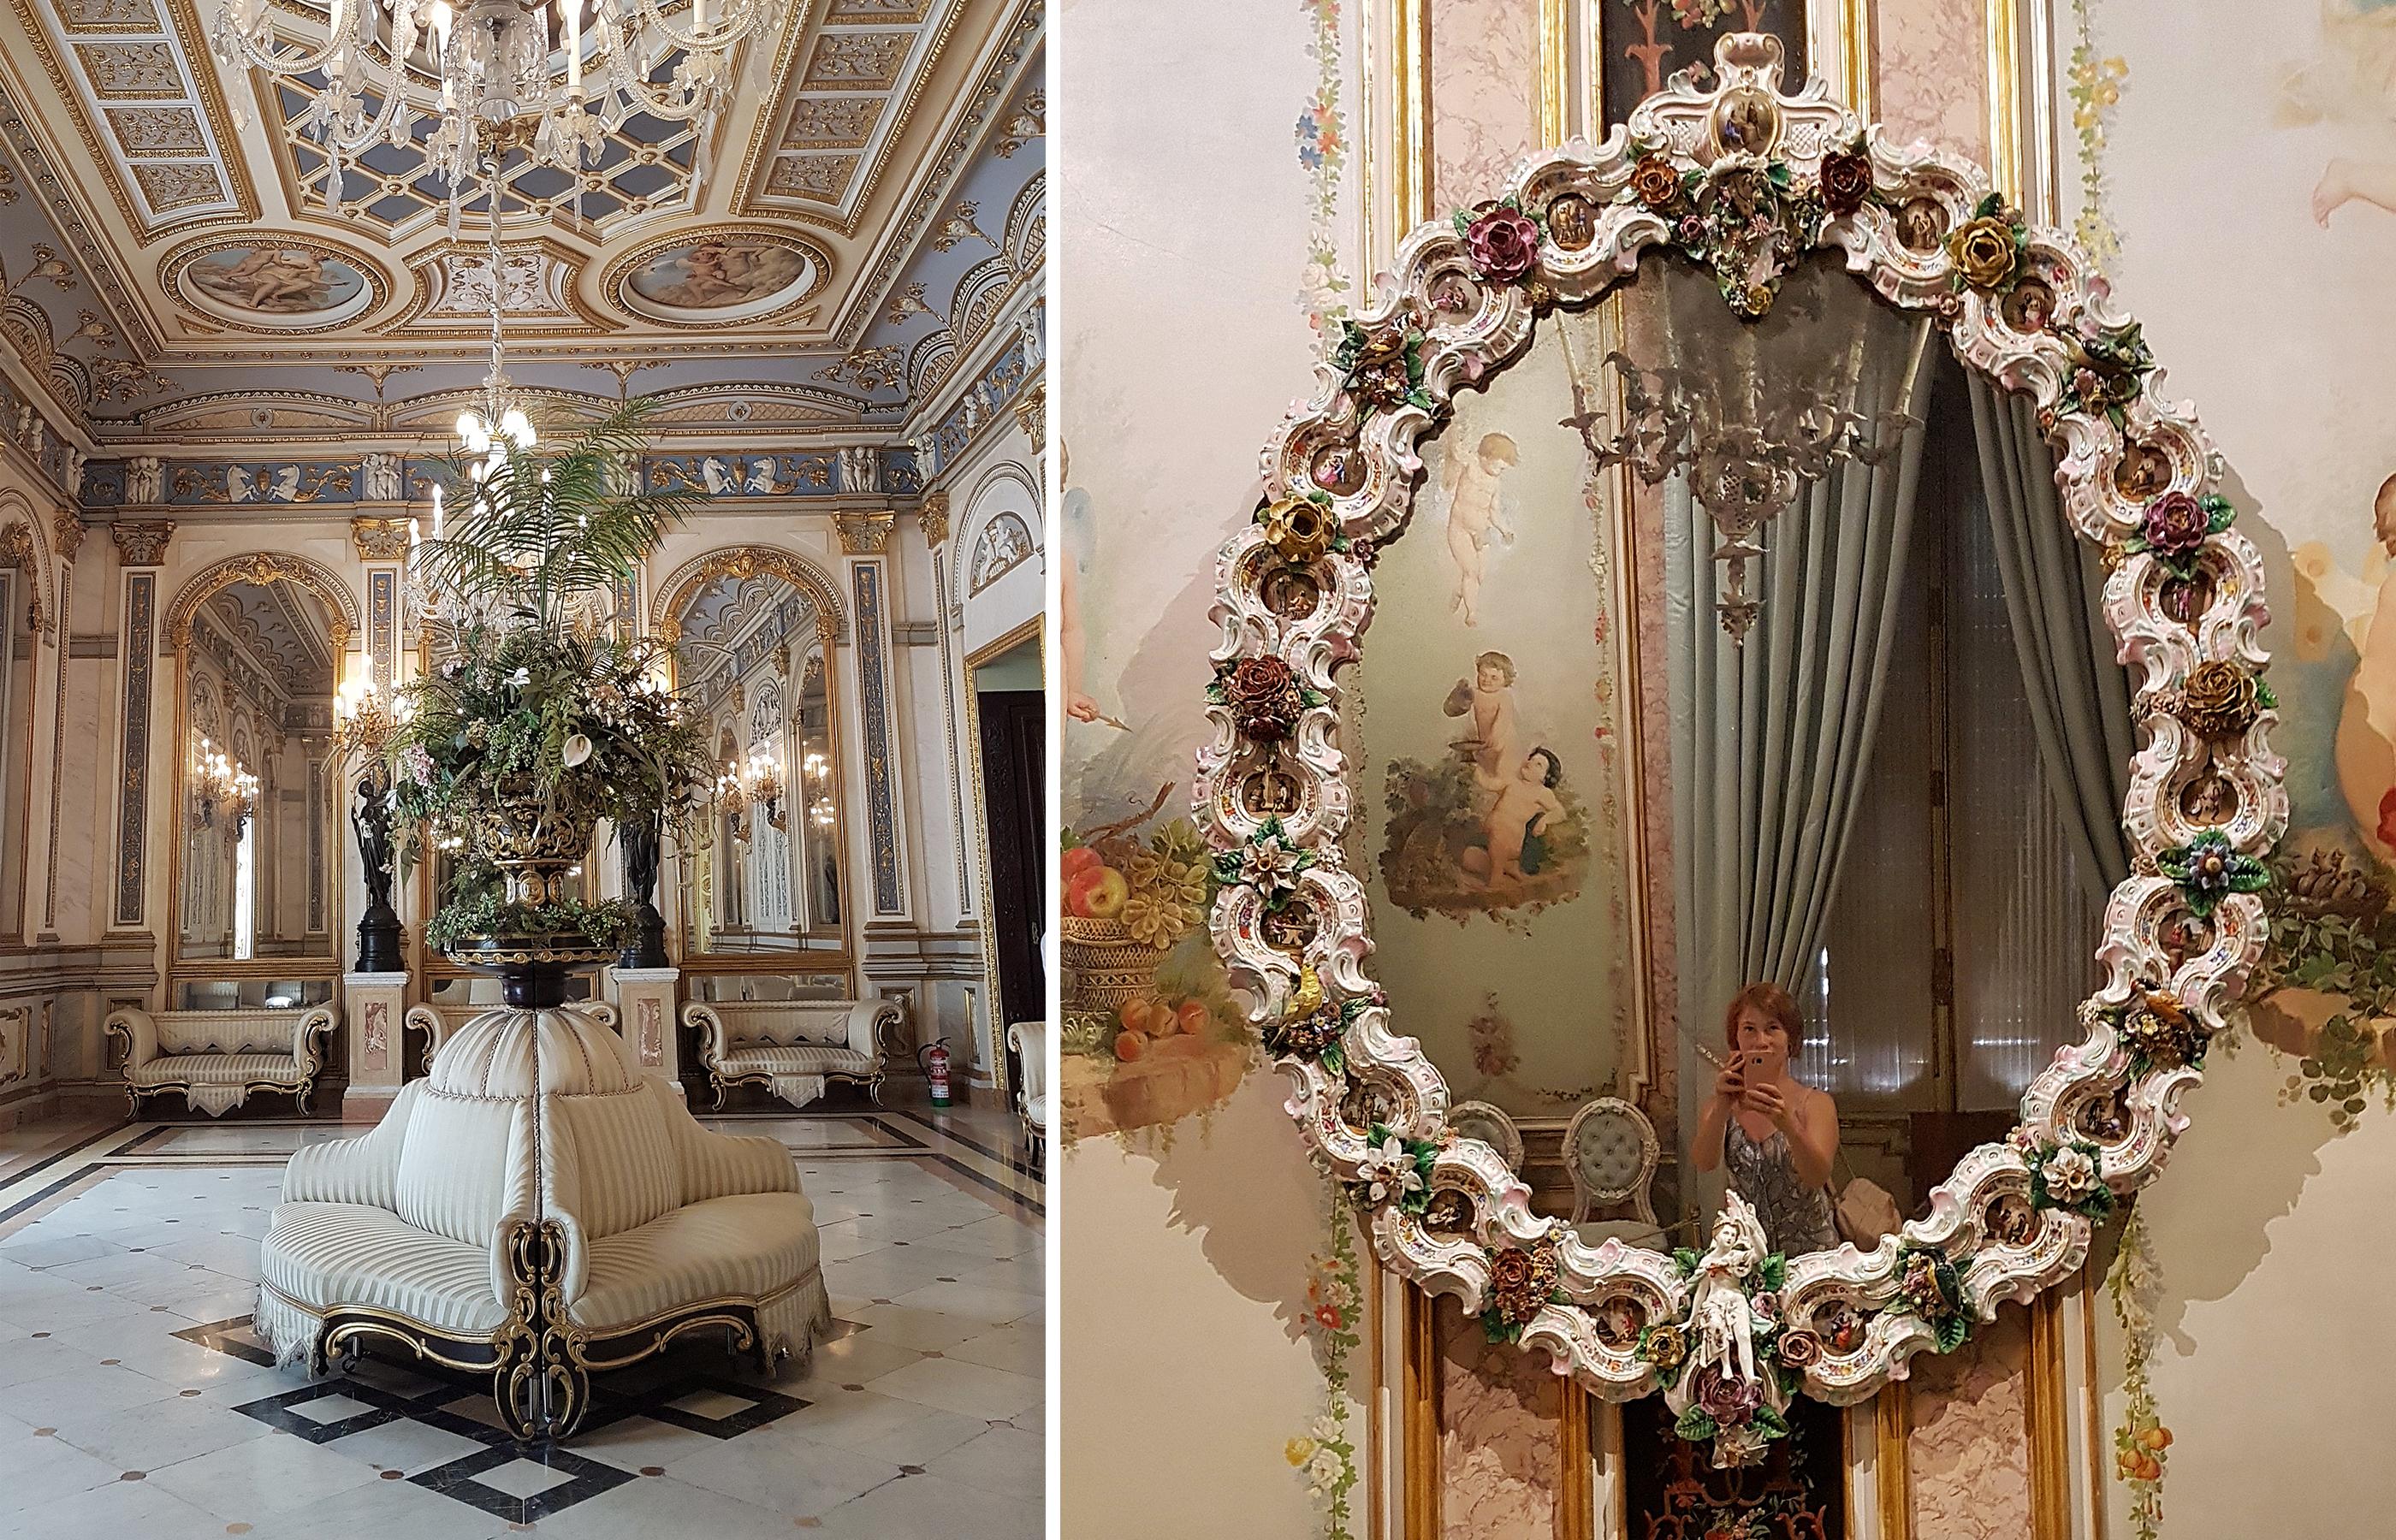 Зеркало в раме из фарфора. Музей Керамики в Валенсии